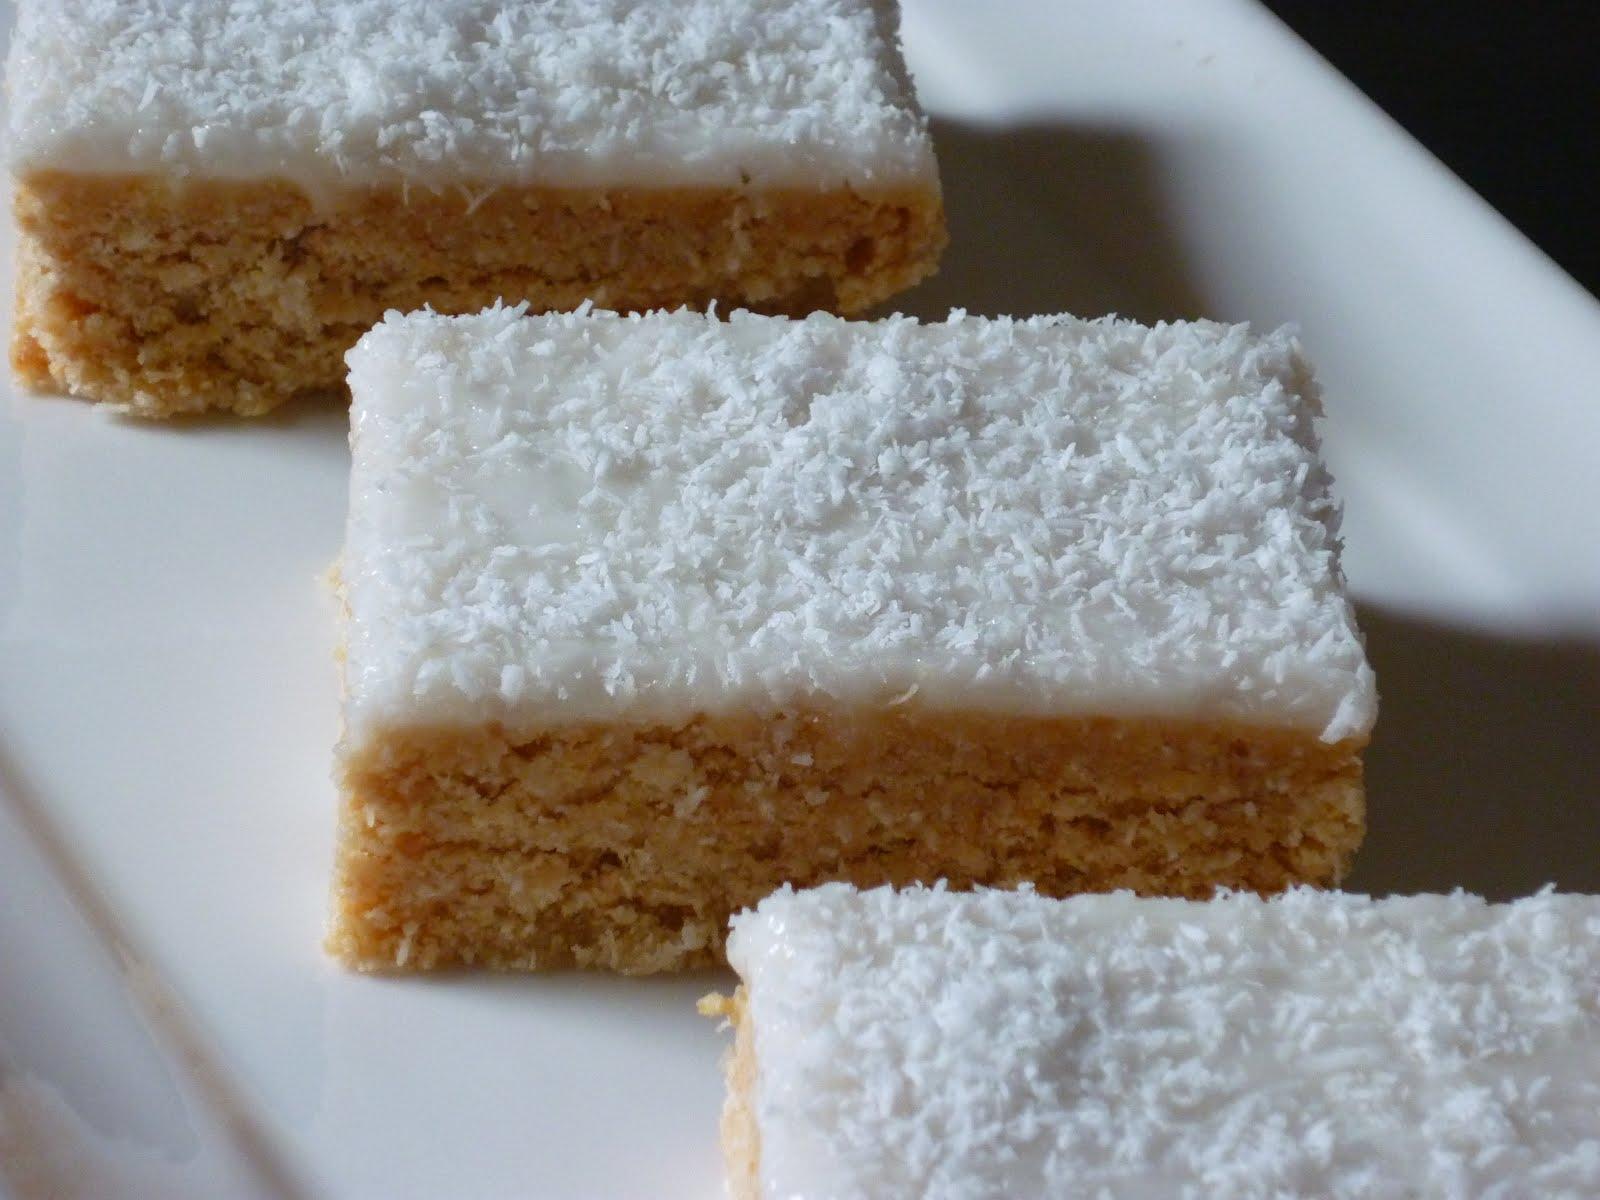 Kitchen Alchemy: No Bake Lemon Slice